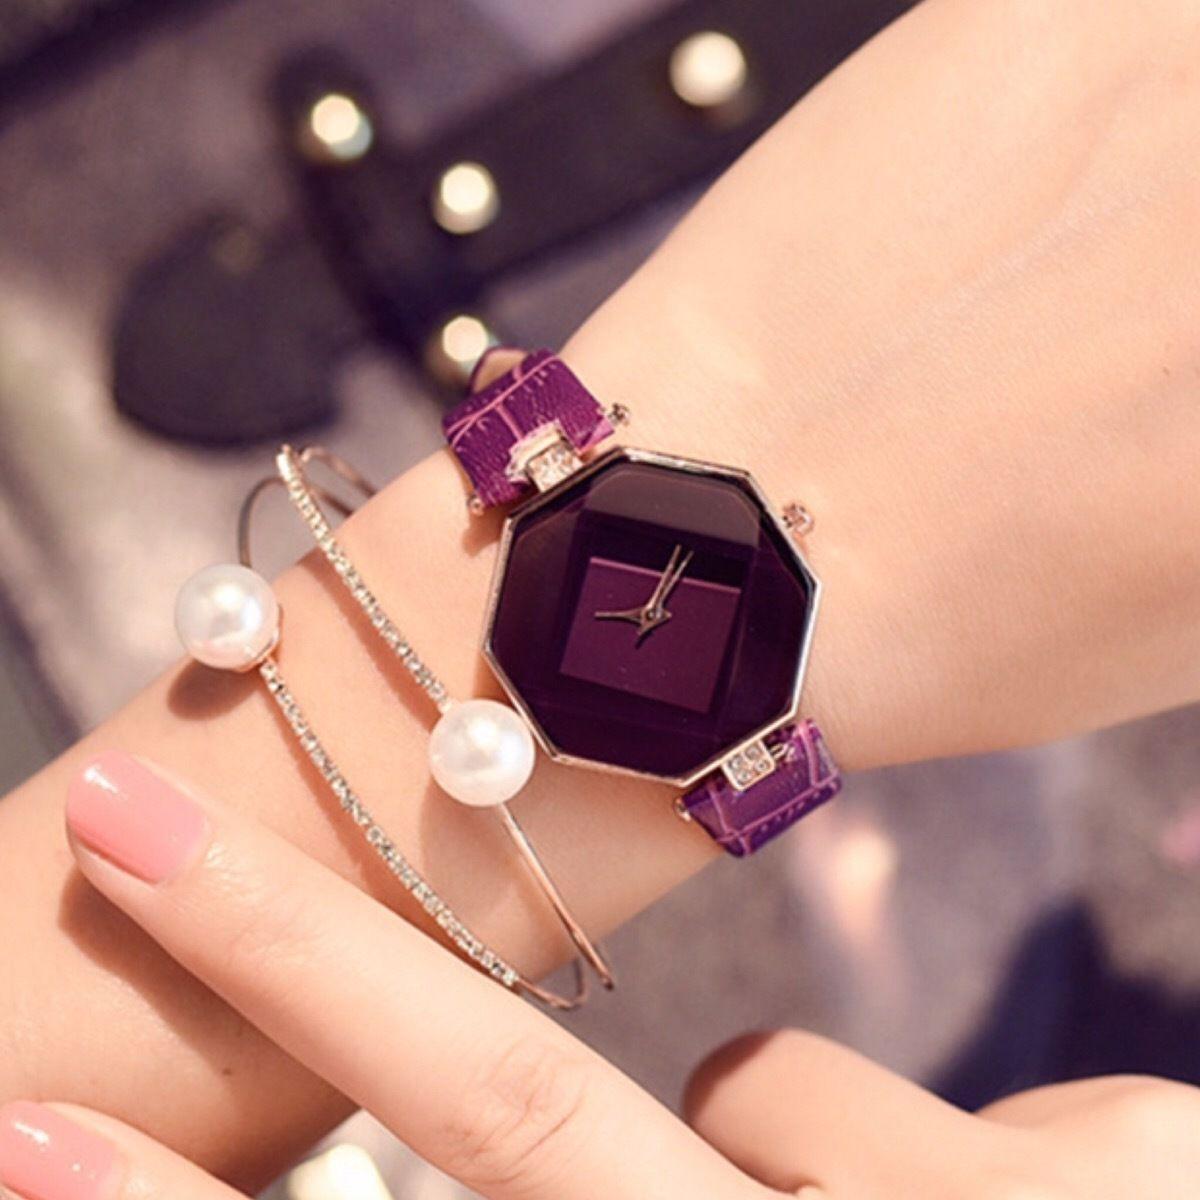 秋色 クリアウォッチ パープル  レディースサイズ シンプル ギフト 人気 プレゼント 時計 おしゃれ 安い かわいい ブレスレット 腕時計 紫